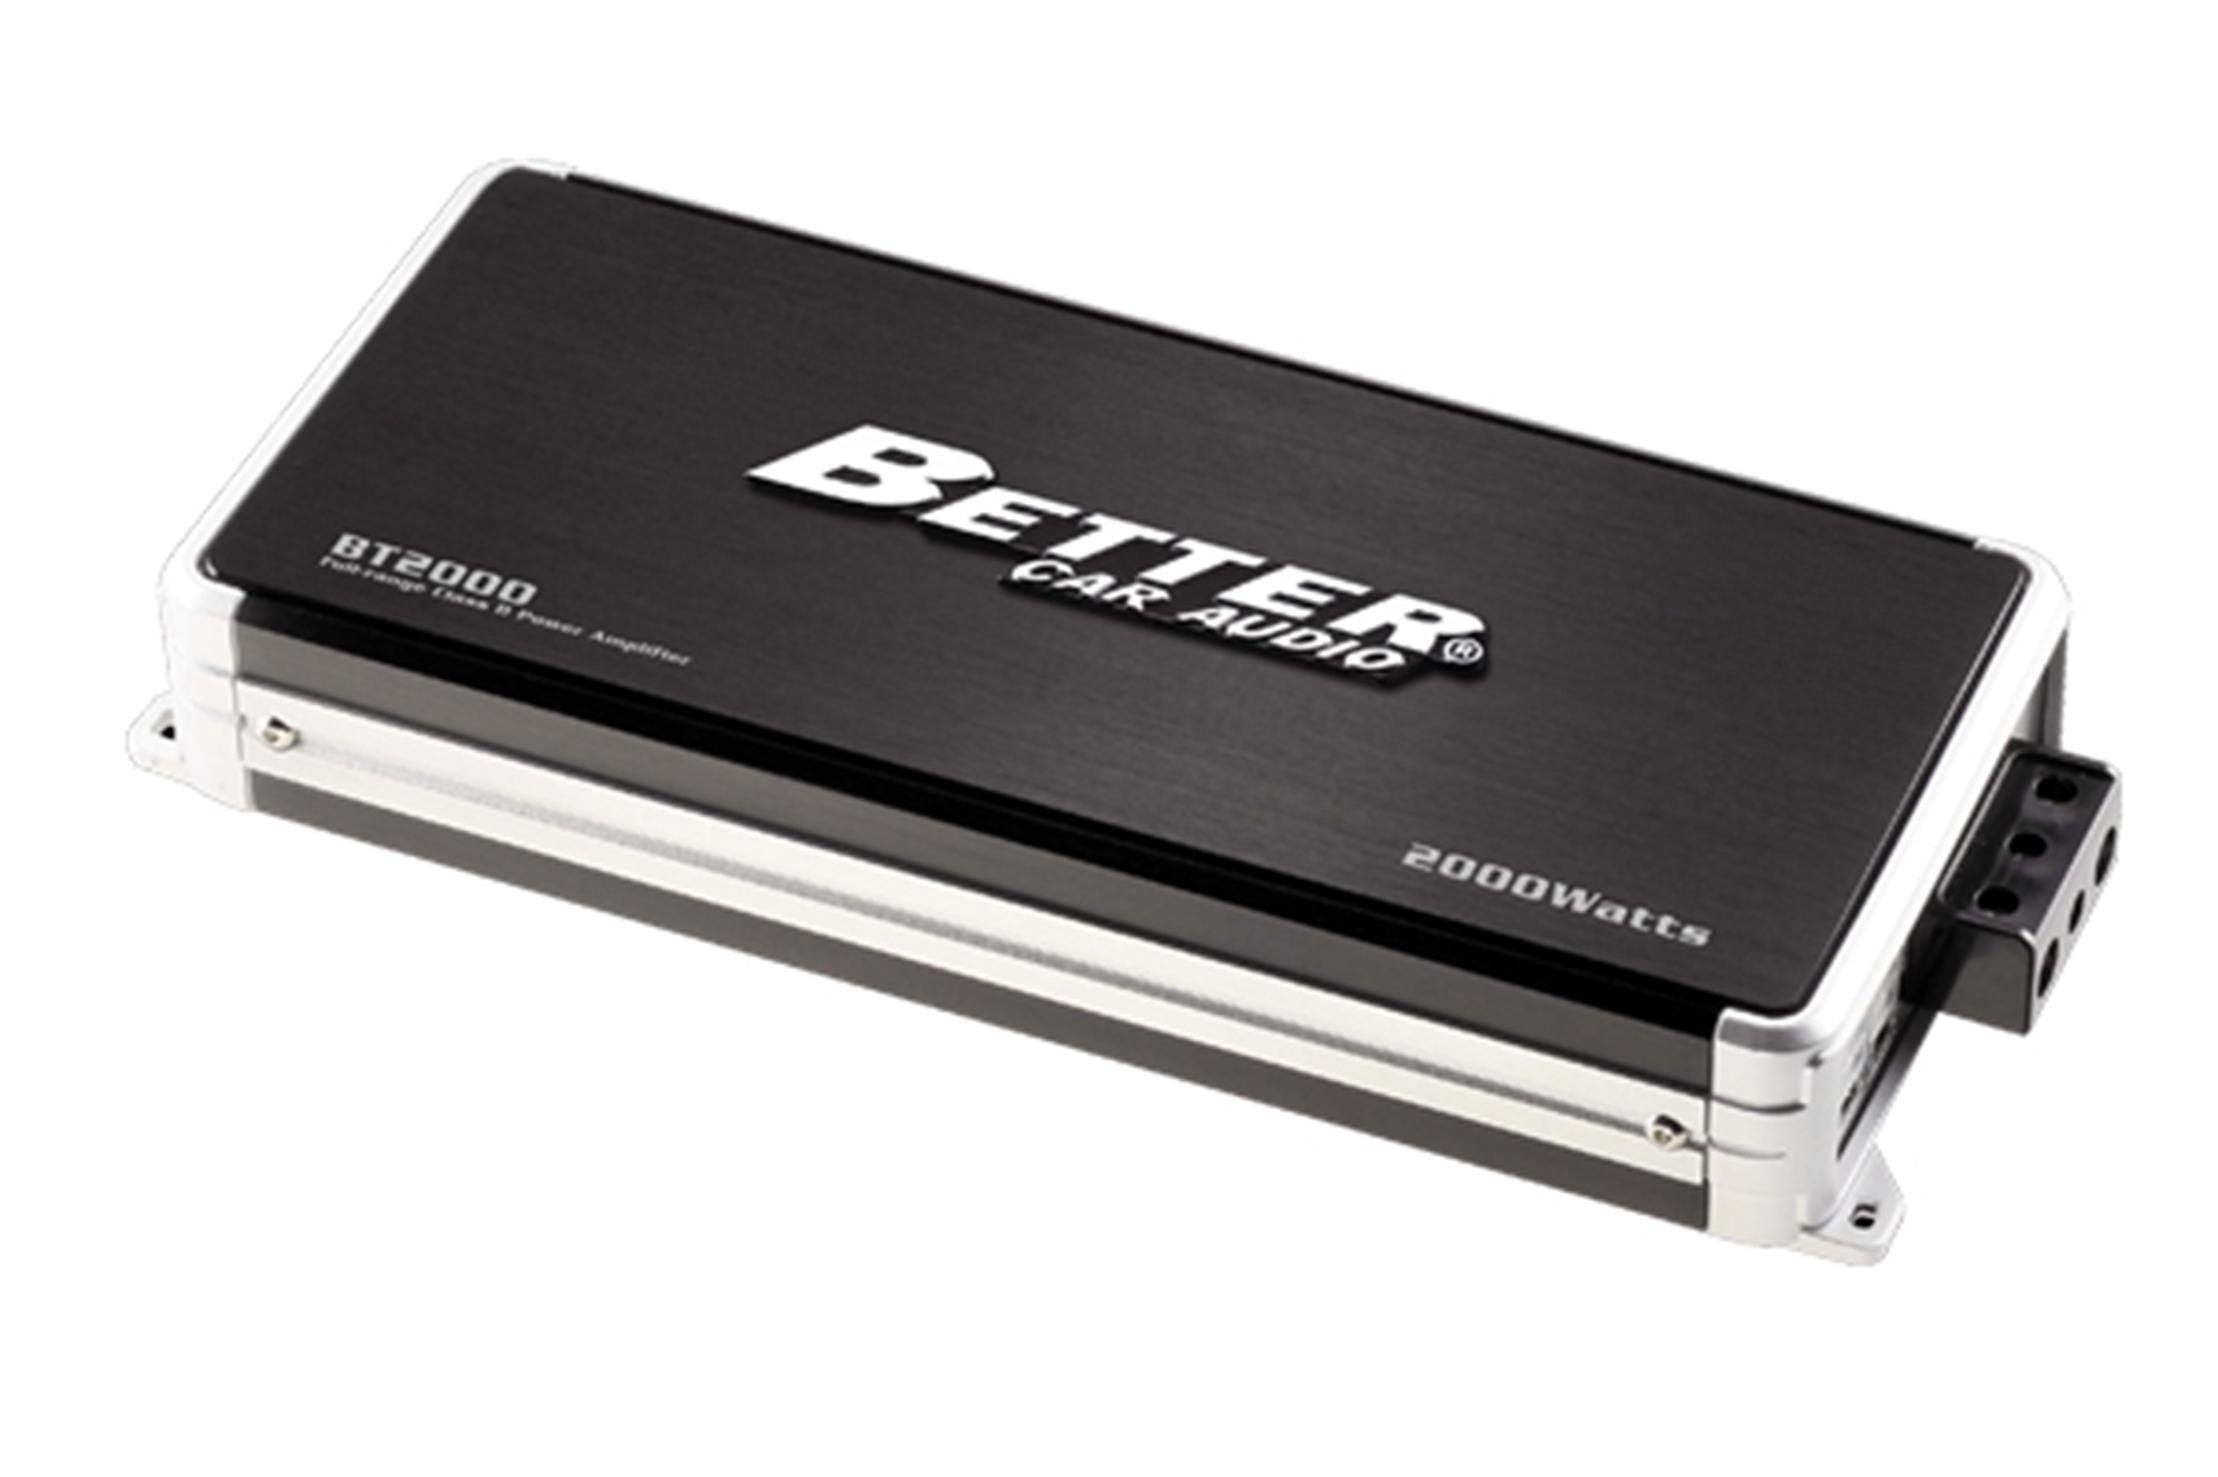 Better BT2000